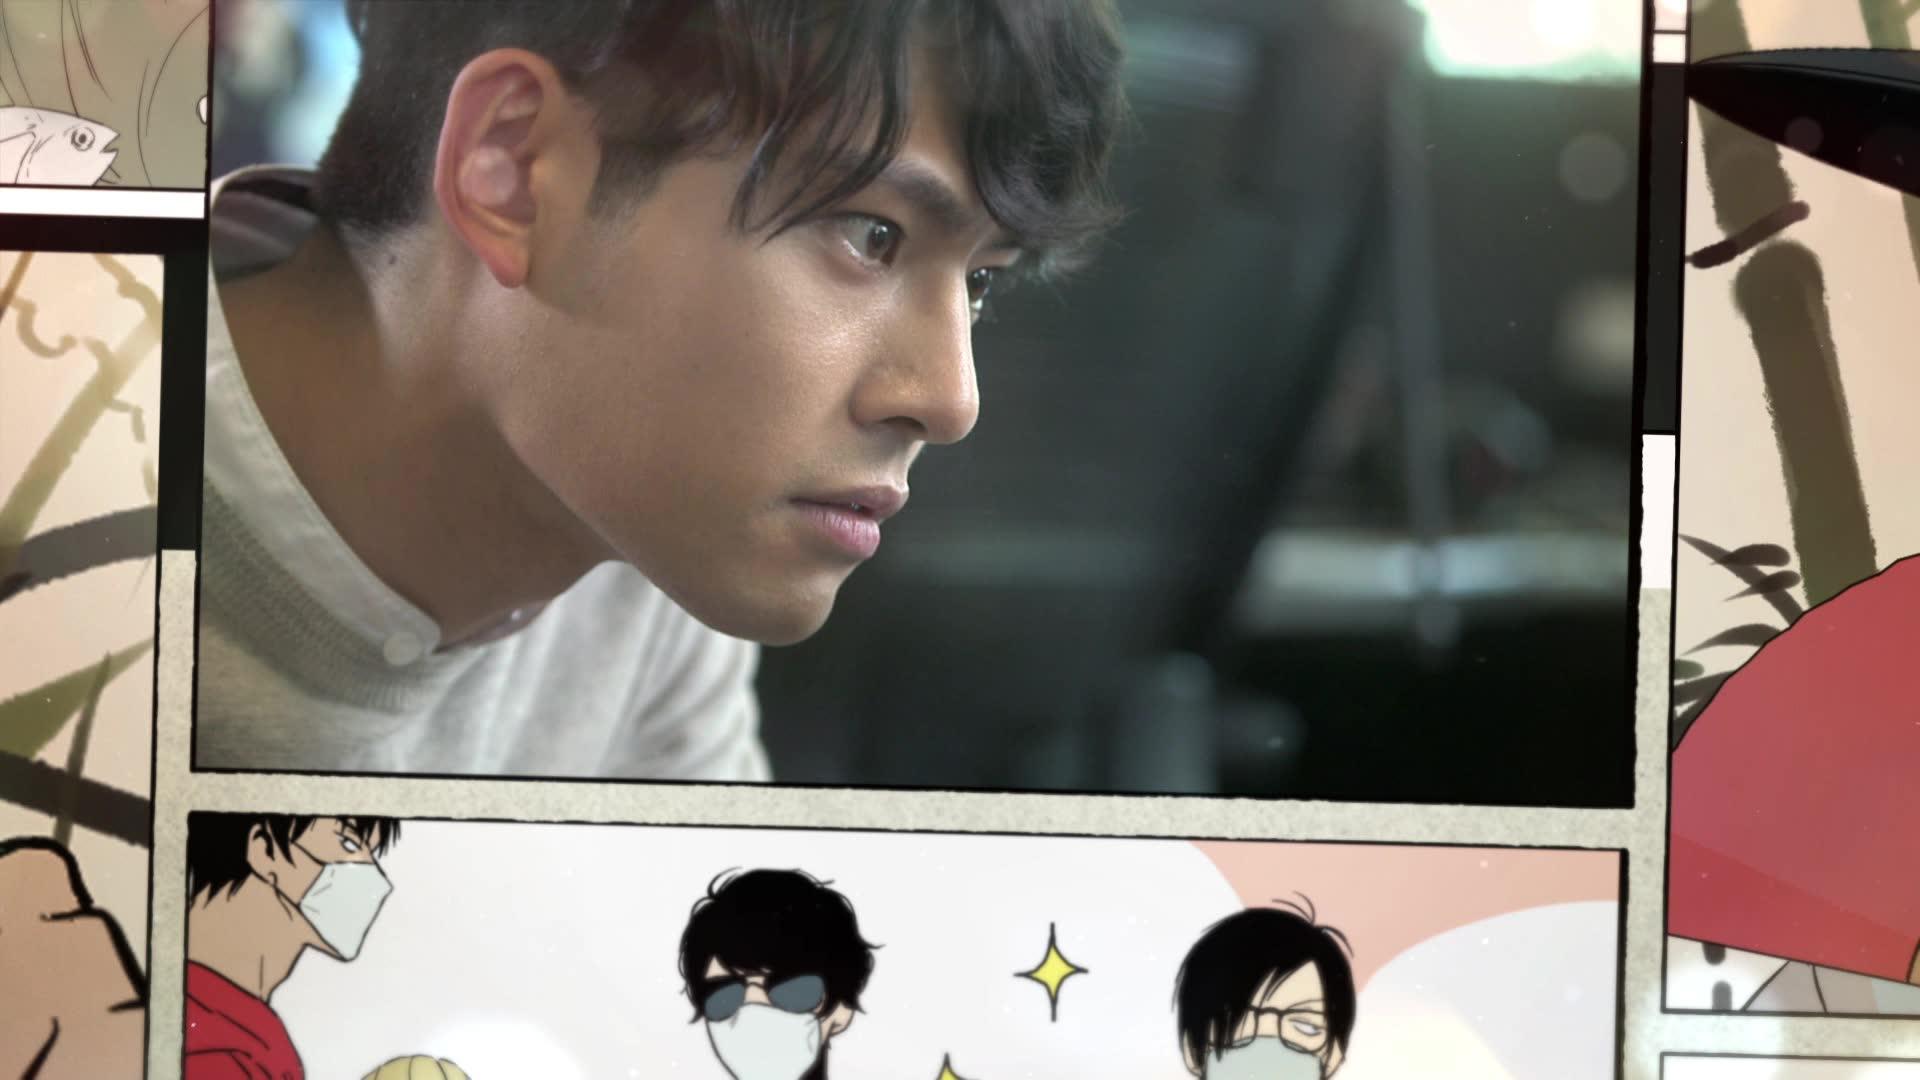 Trailer 3: Prince's Prince